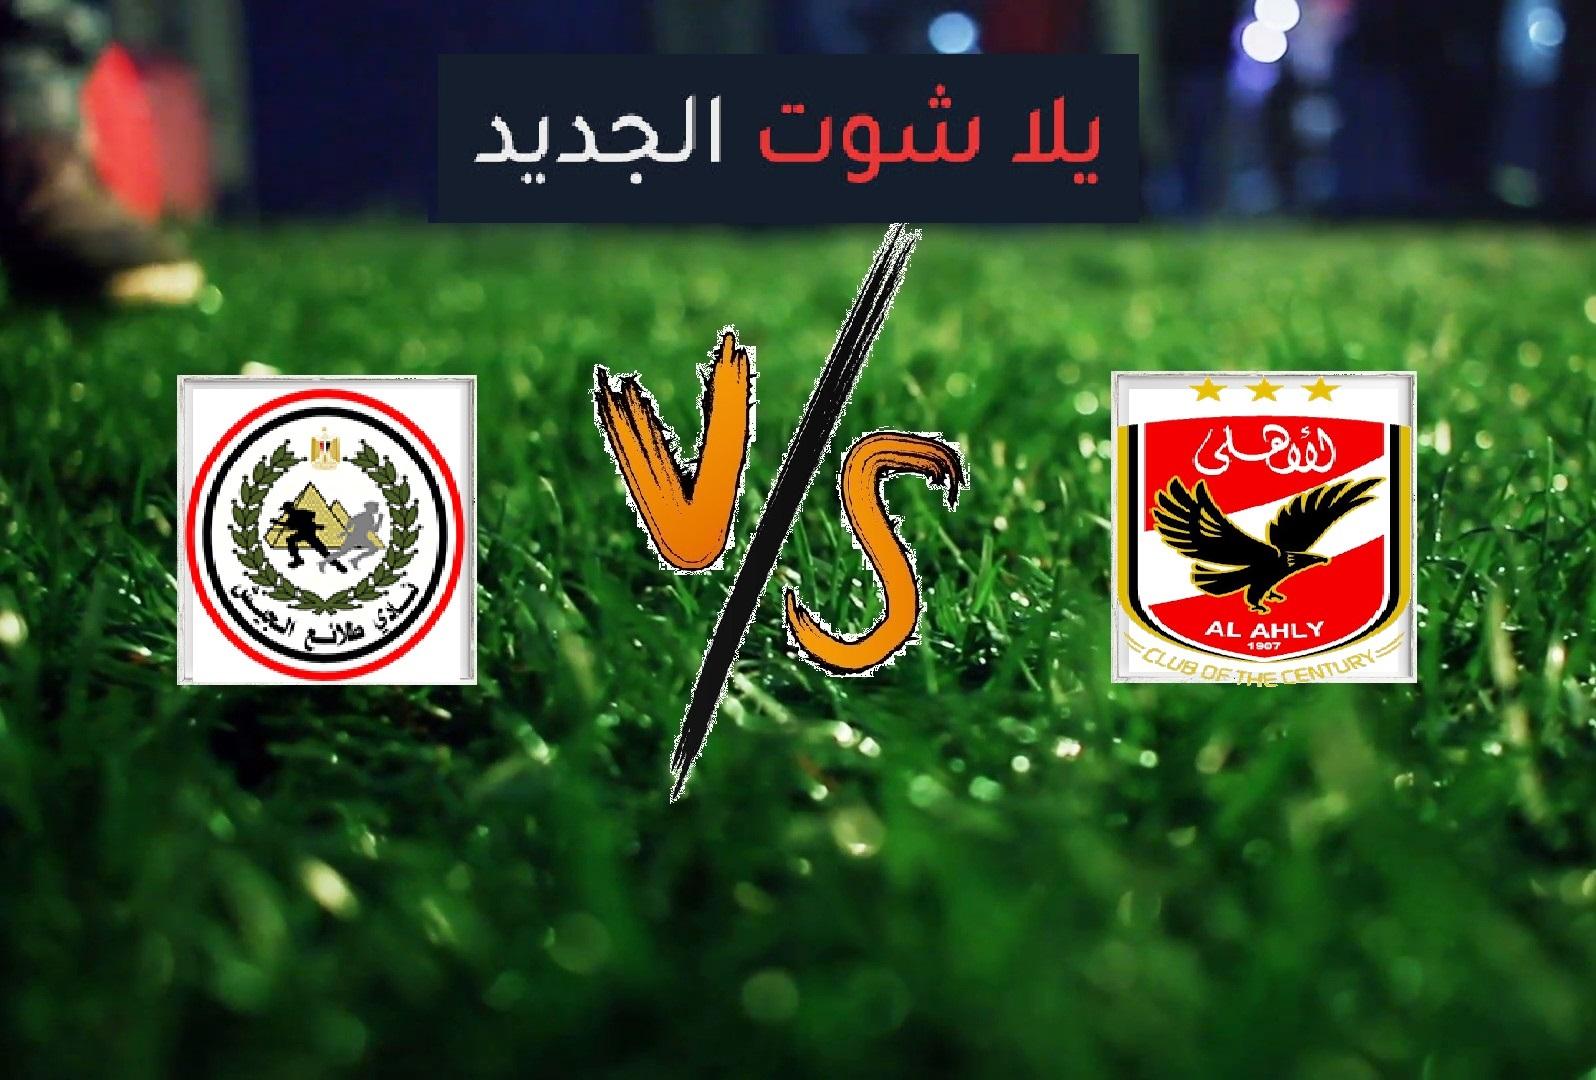 ملخص مباراة الاهلي وطلائع الجيش اليوم الاربعاء بتاريخ 01-05-2019 الدوري المصري